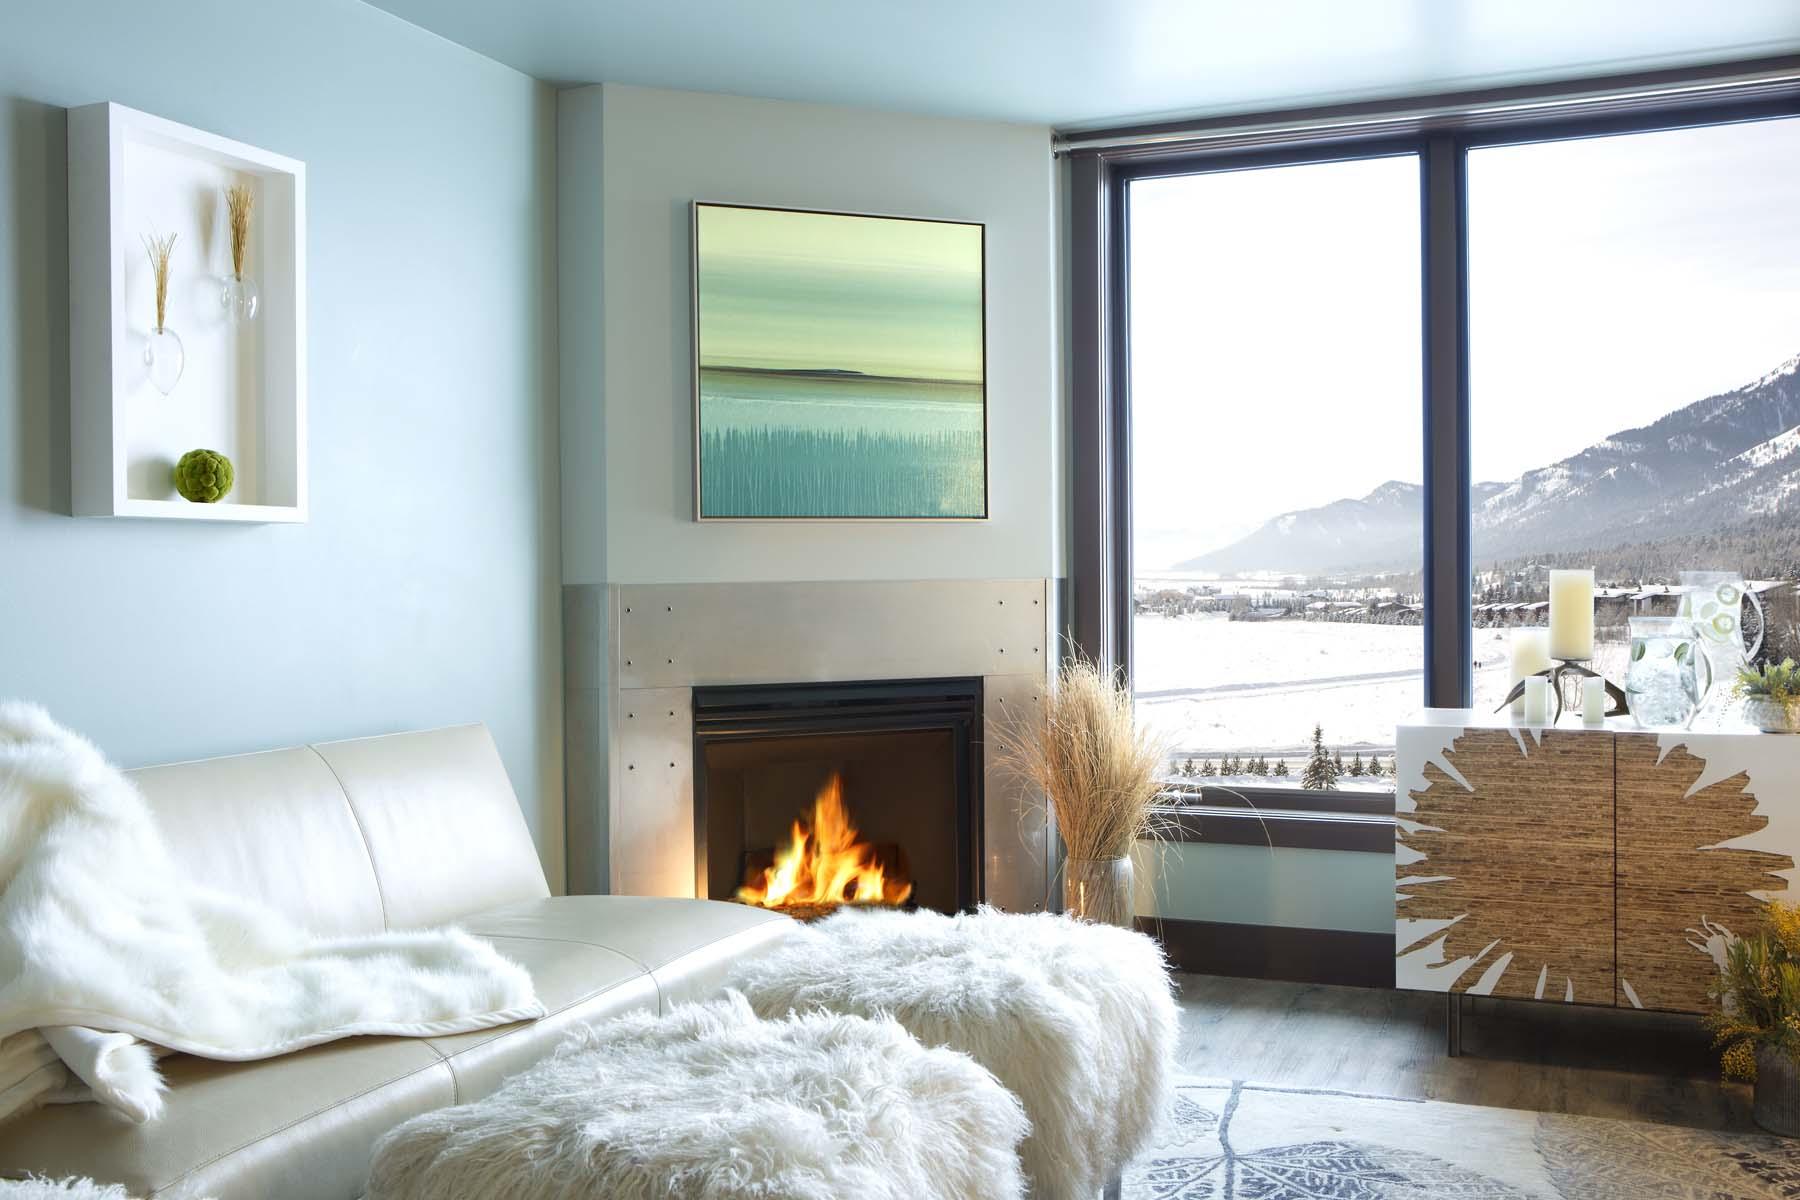 共管式独立产权公寓 为 销售 在 Slopeside Luxury in Hotel Terra 3335 W. Village Drive, unit 222 泰顿乡, 怀俄明州, 83025 Jackson Hole, 美国